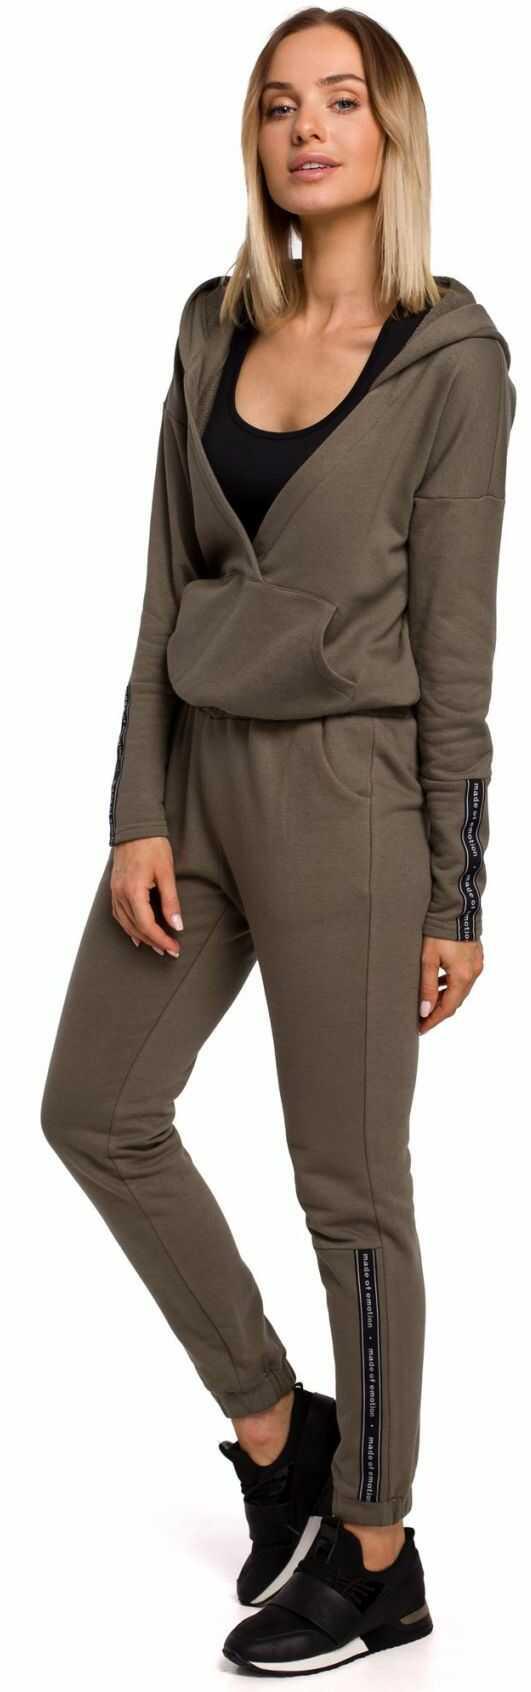 M553 Spodnie z lampasem dresowe - khaki